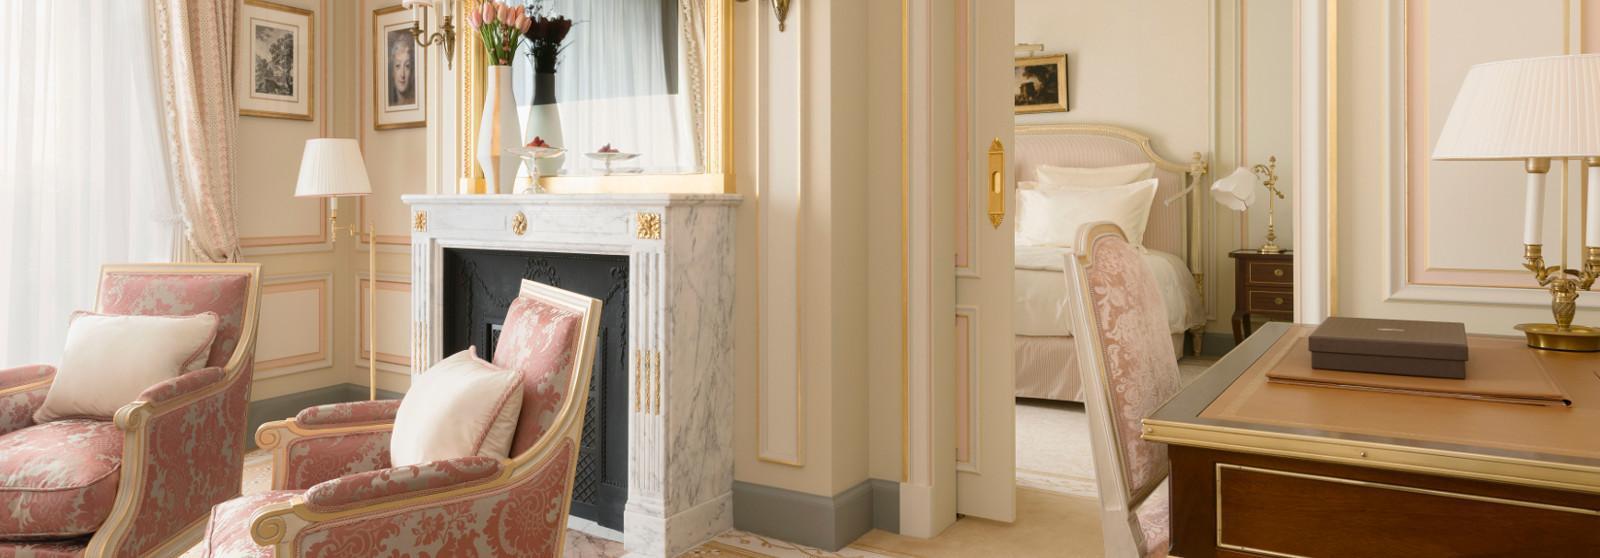 巴黎丽兹酒店(Ritz Paris)【 巴黎,法国】 酒店  www.lhw.cn